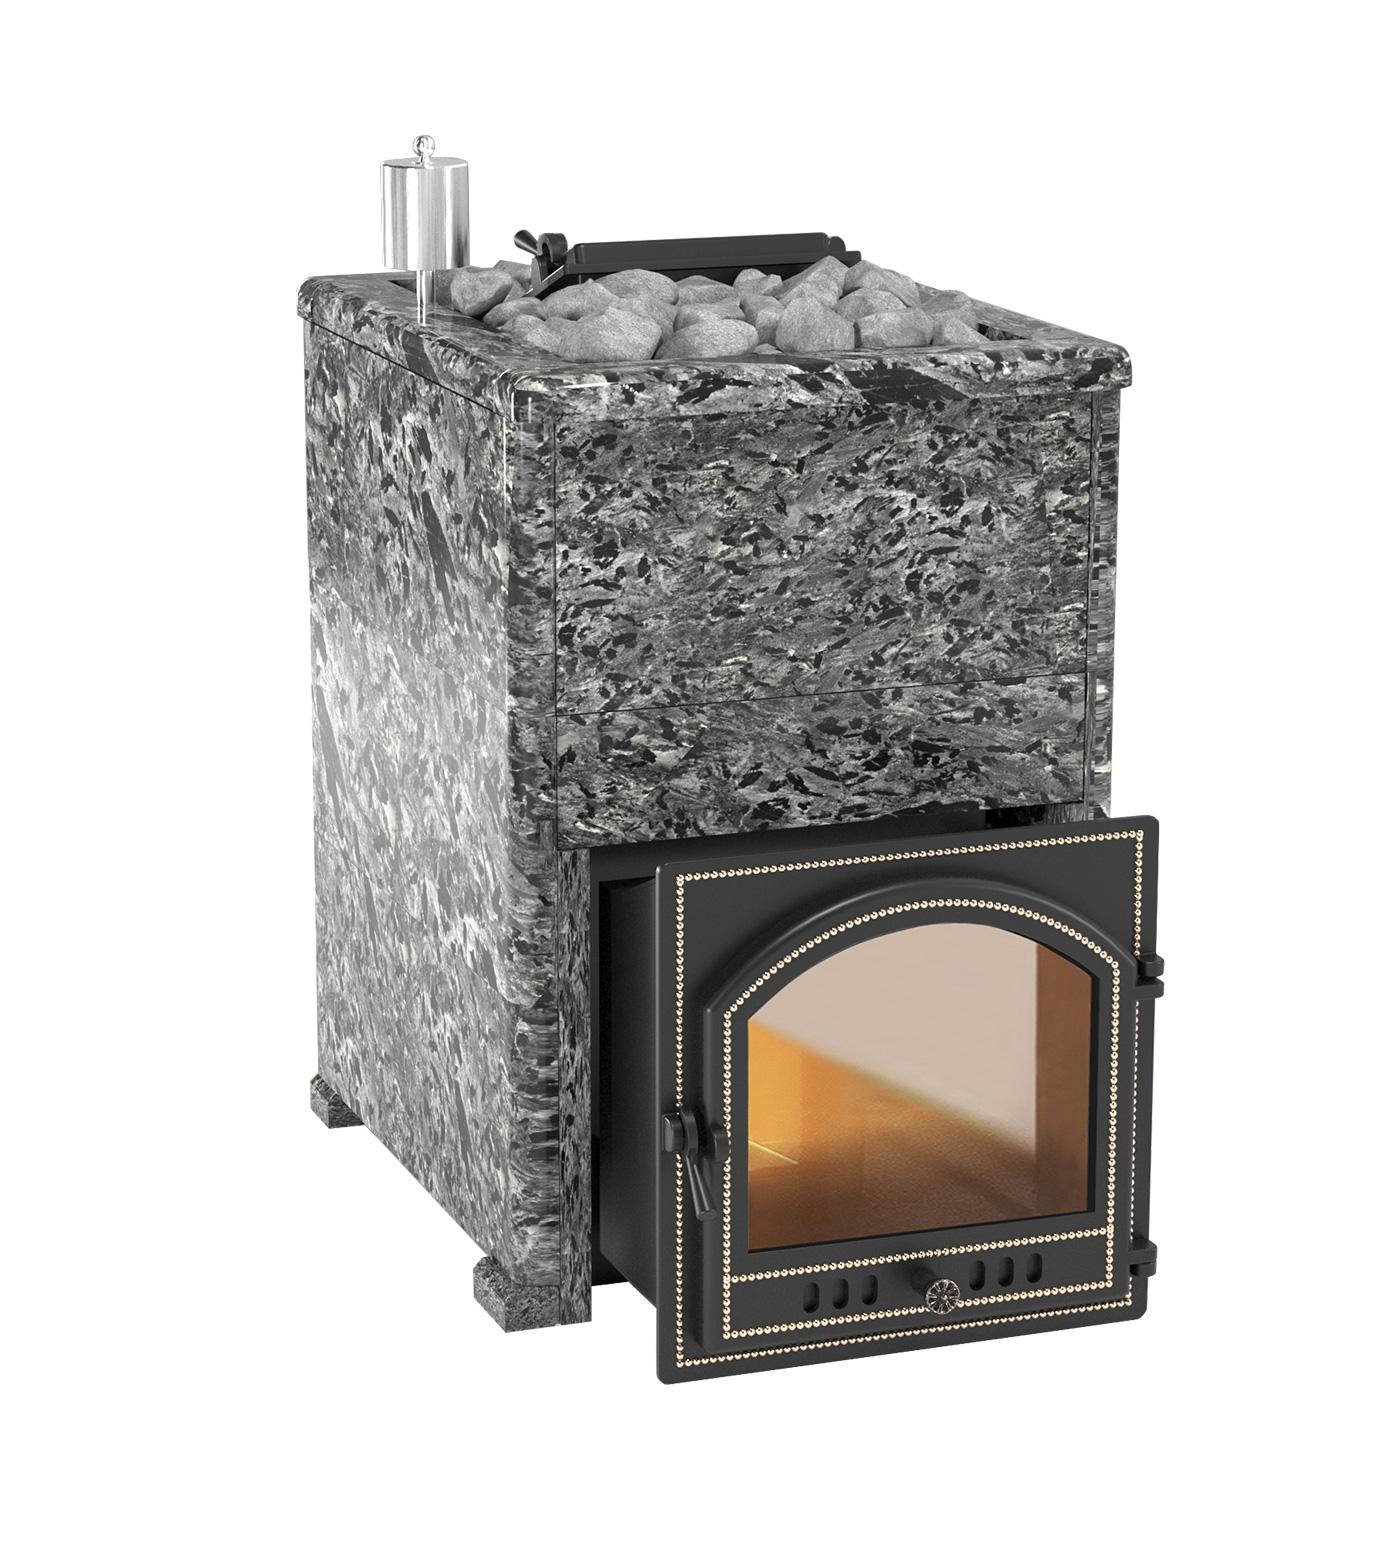 Банная печь Эверест INOX 20 (205) в облицовке пироксенит элит